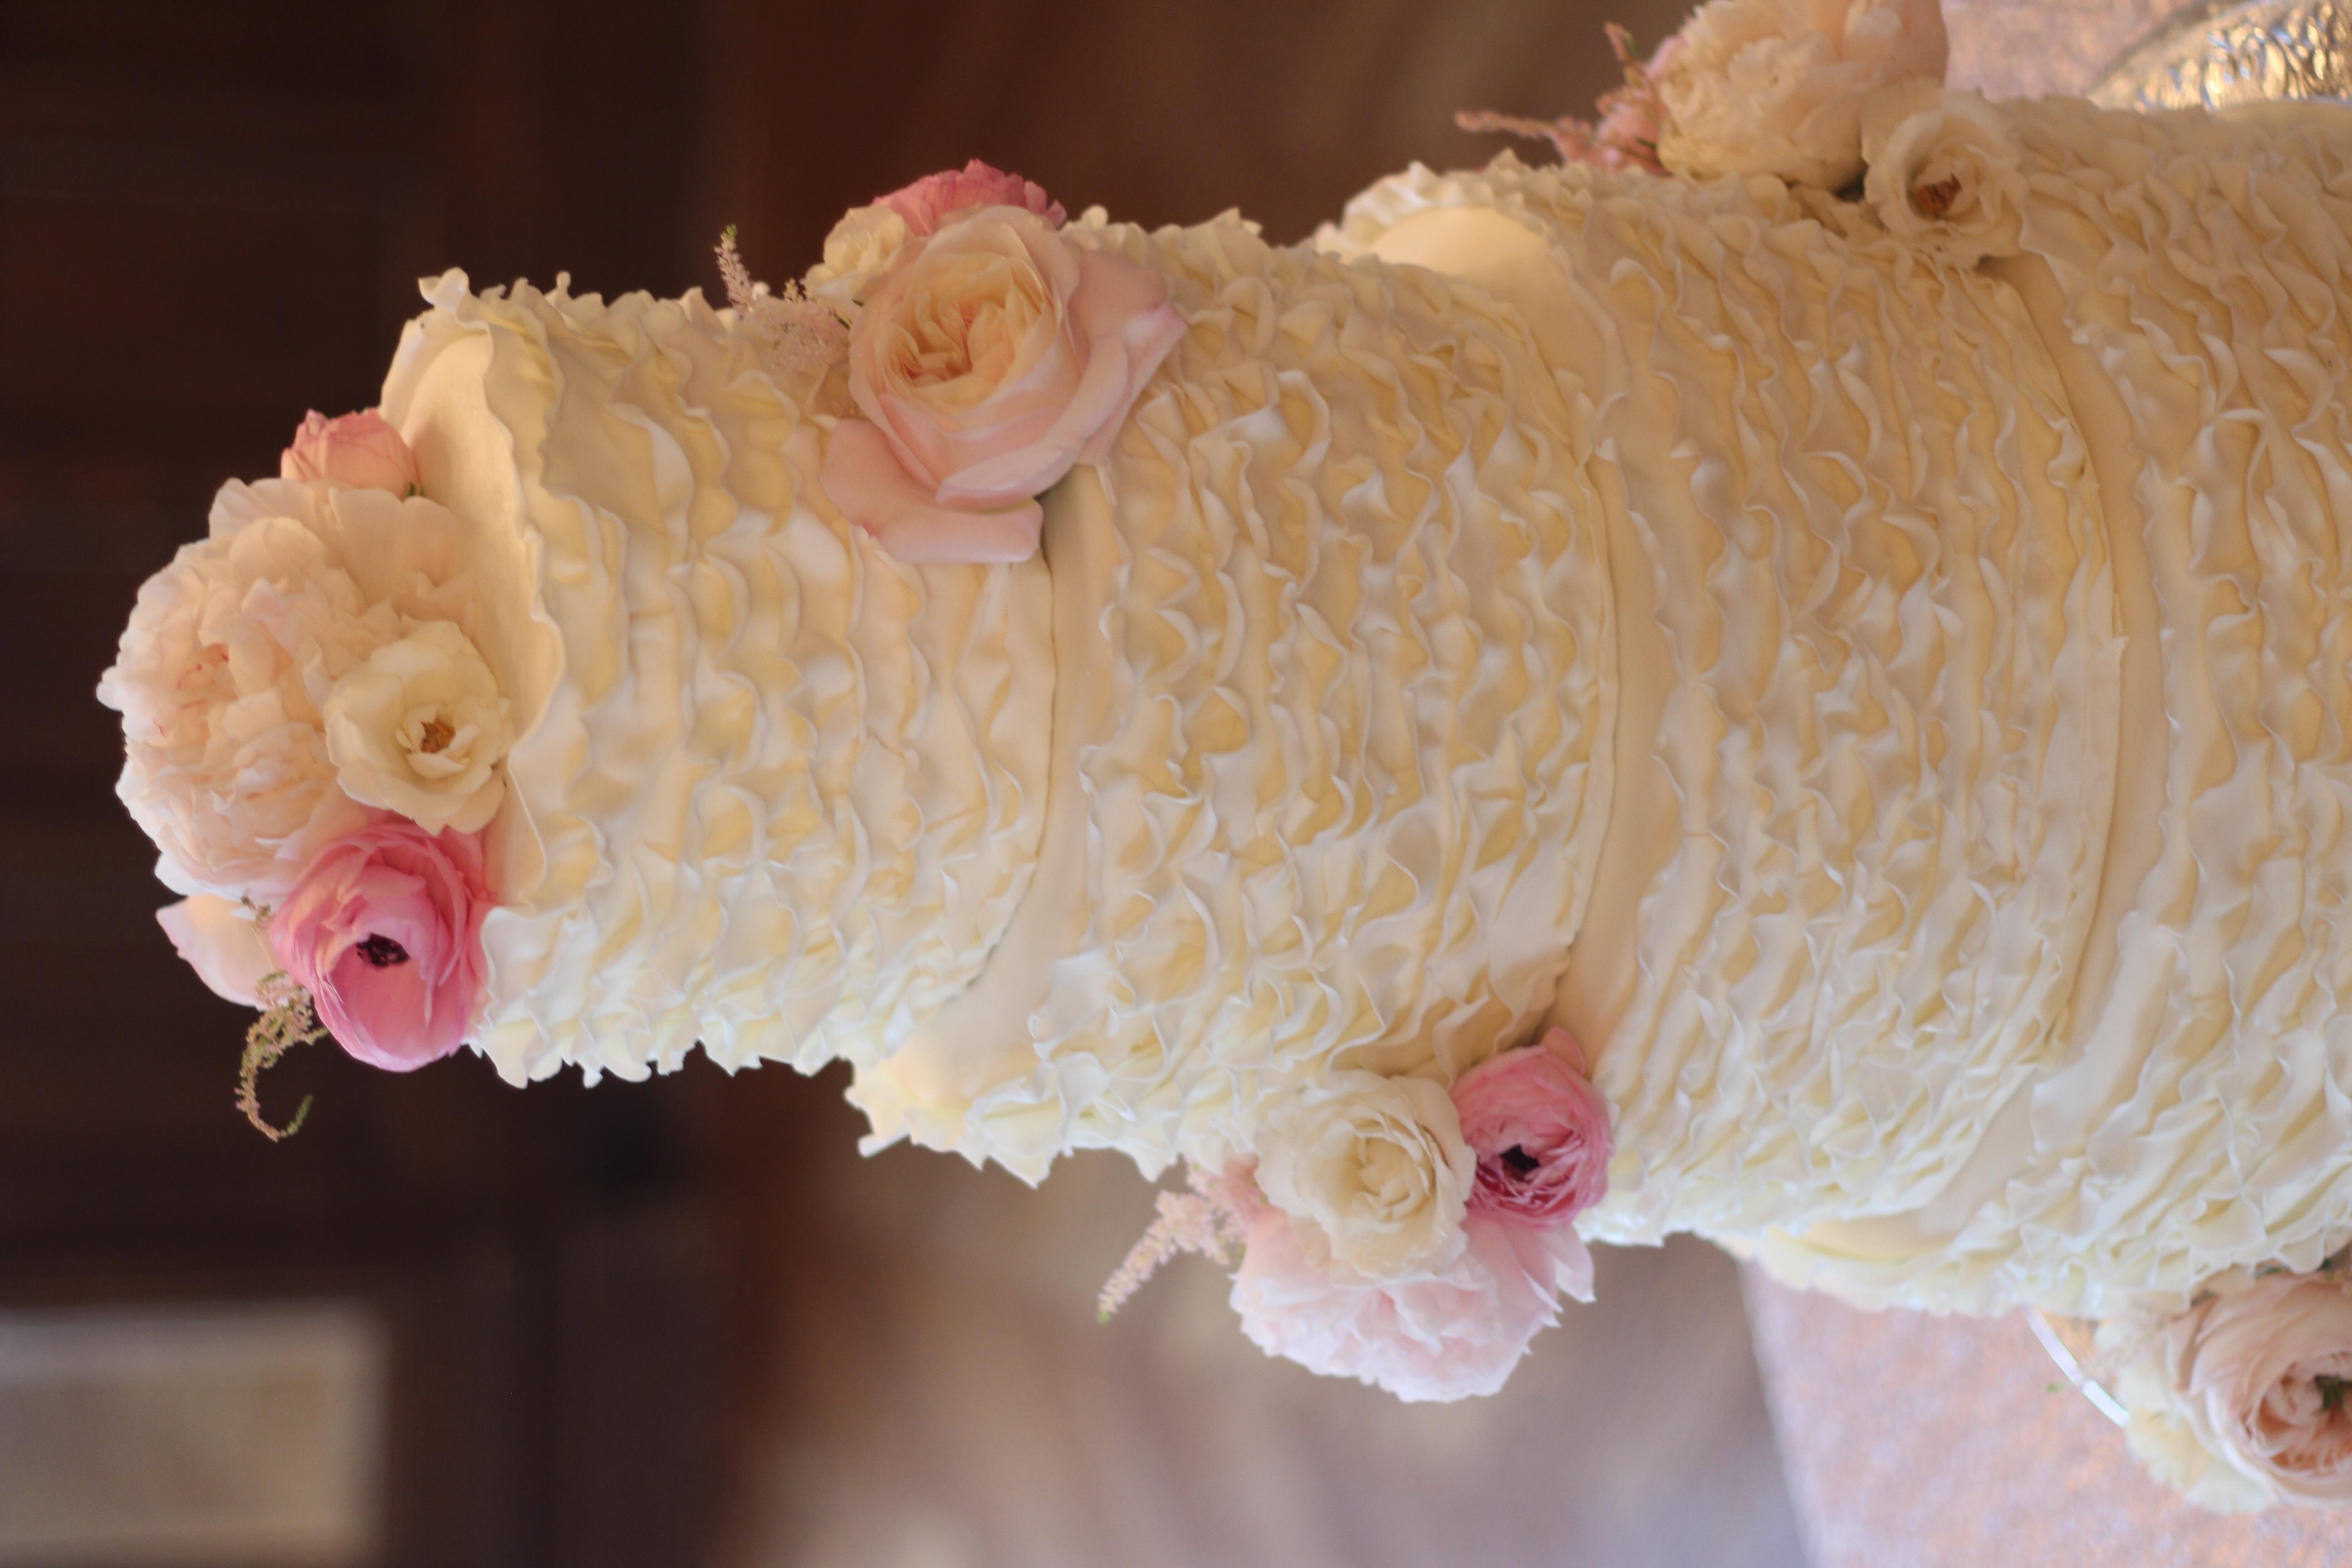 Ivory Elegant Ruffle Four Tier Wedding Cake - CakeCentral.com